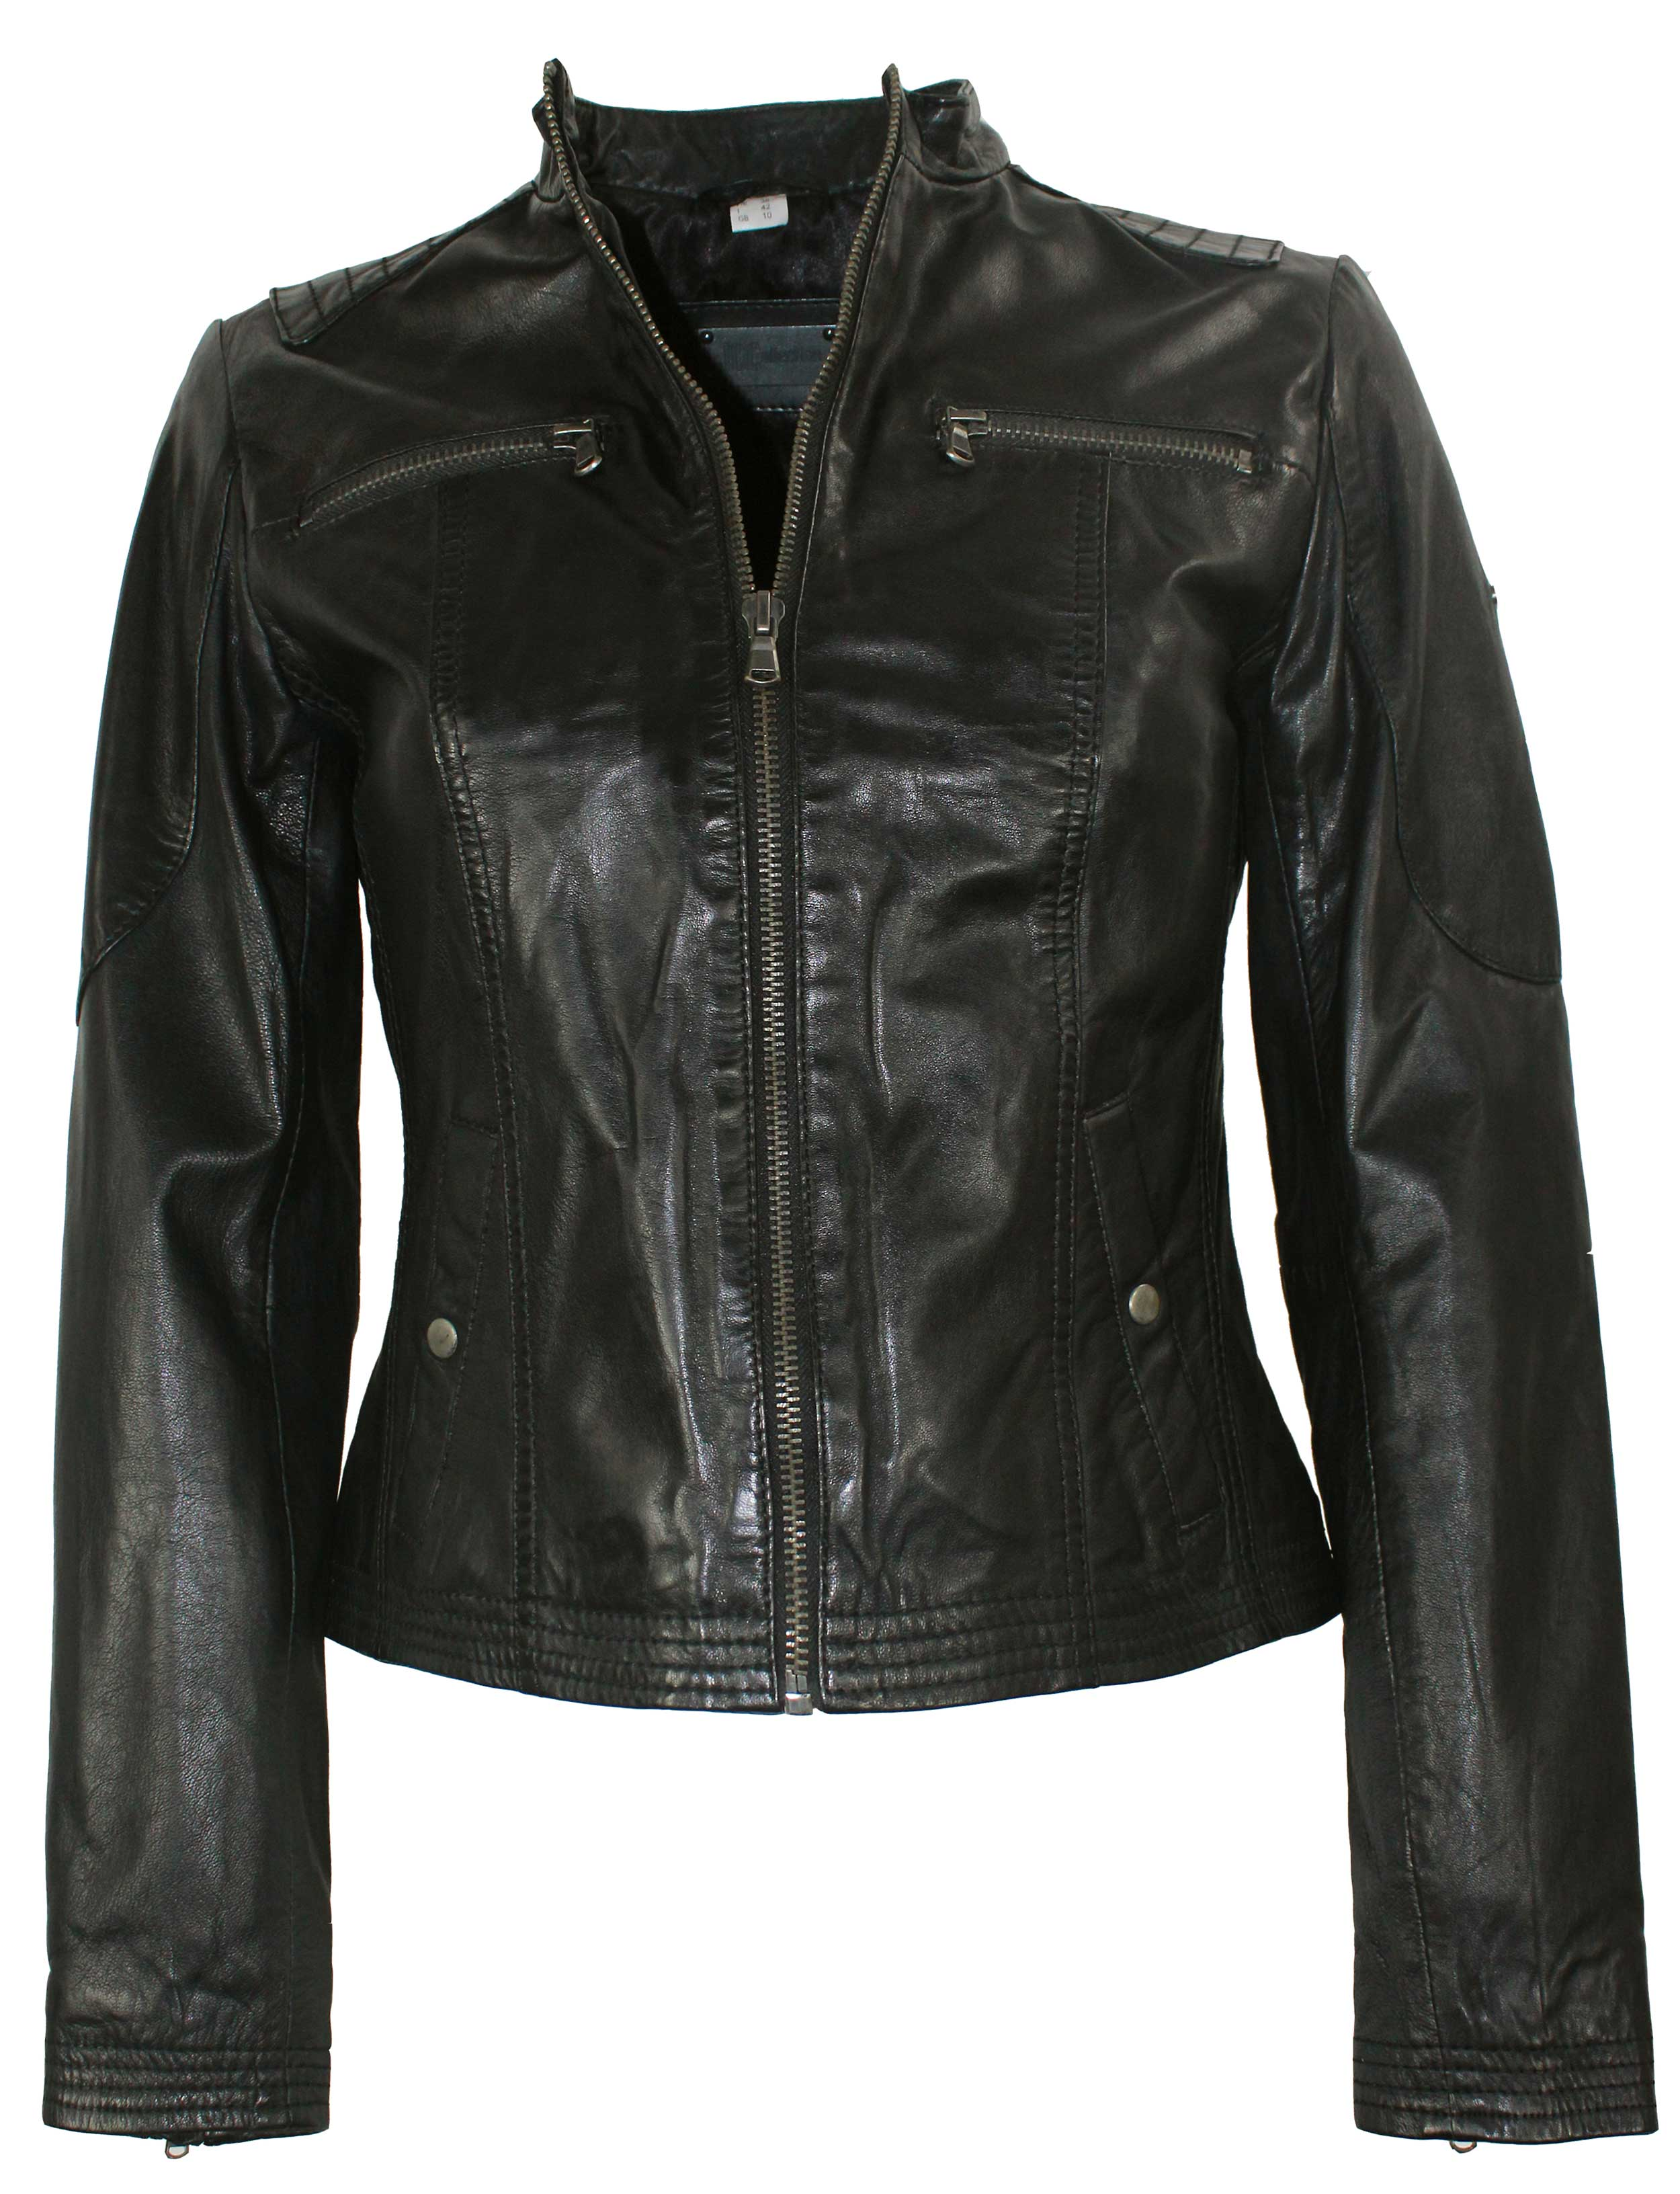 Damen Lammnappa Lederjacke, Größe 42 von JCC in schwarz mit